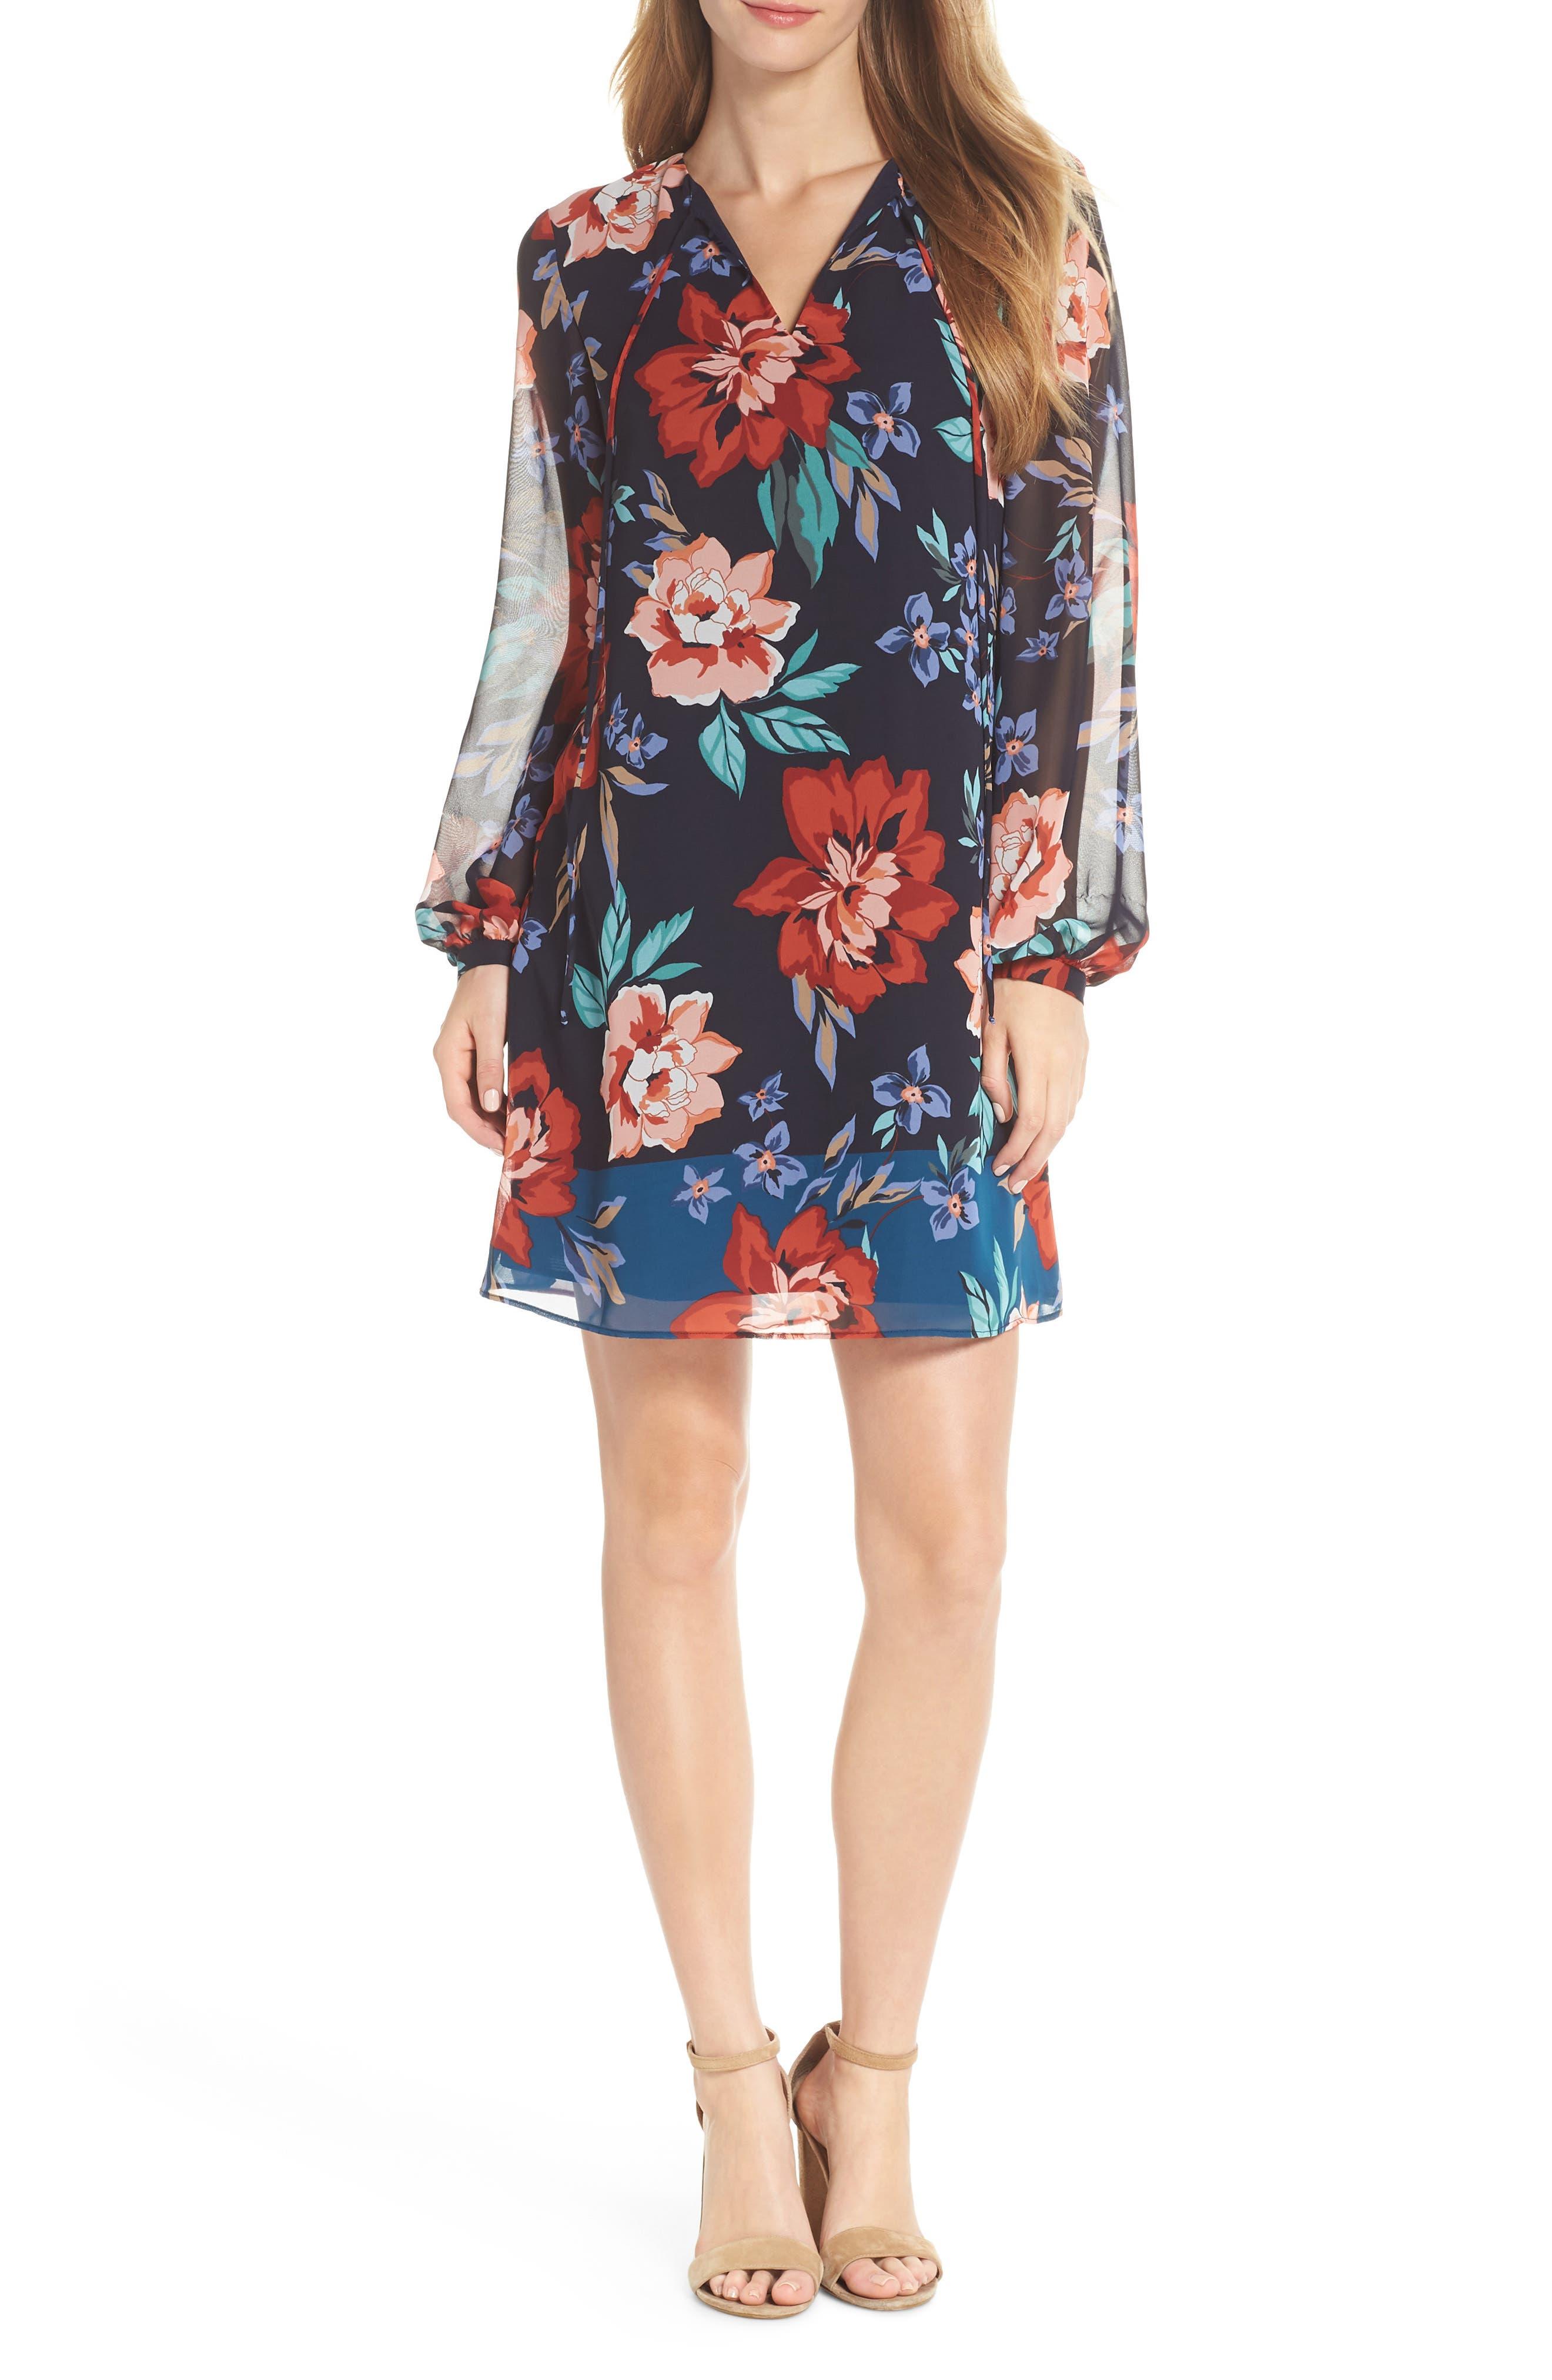 CHIFFON SHIFT DRESS